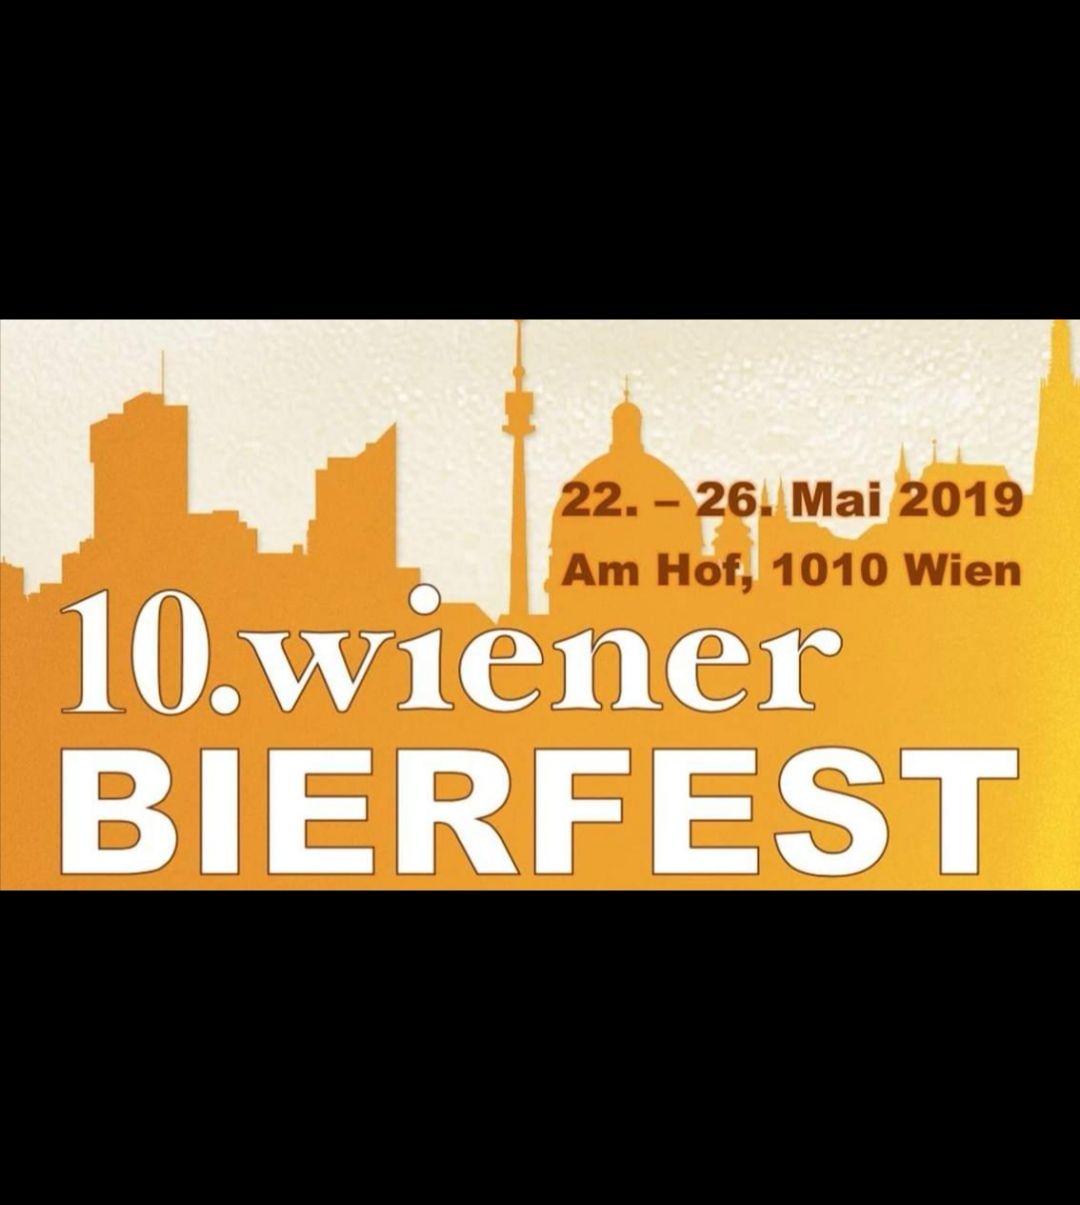 10. Wiener Bierfest - > für Bierfreunde :-). 22-26.5